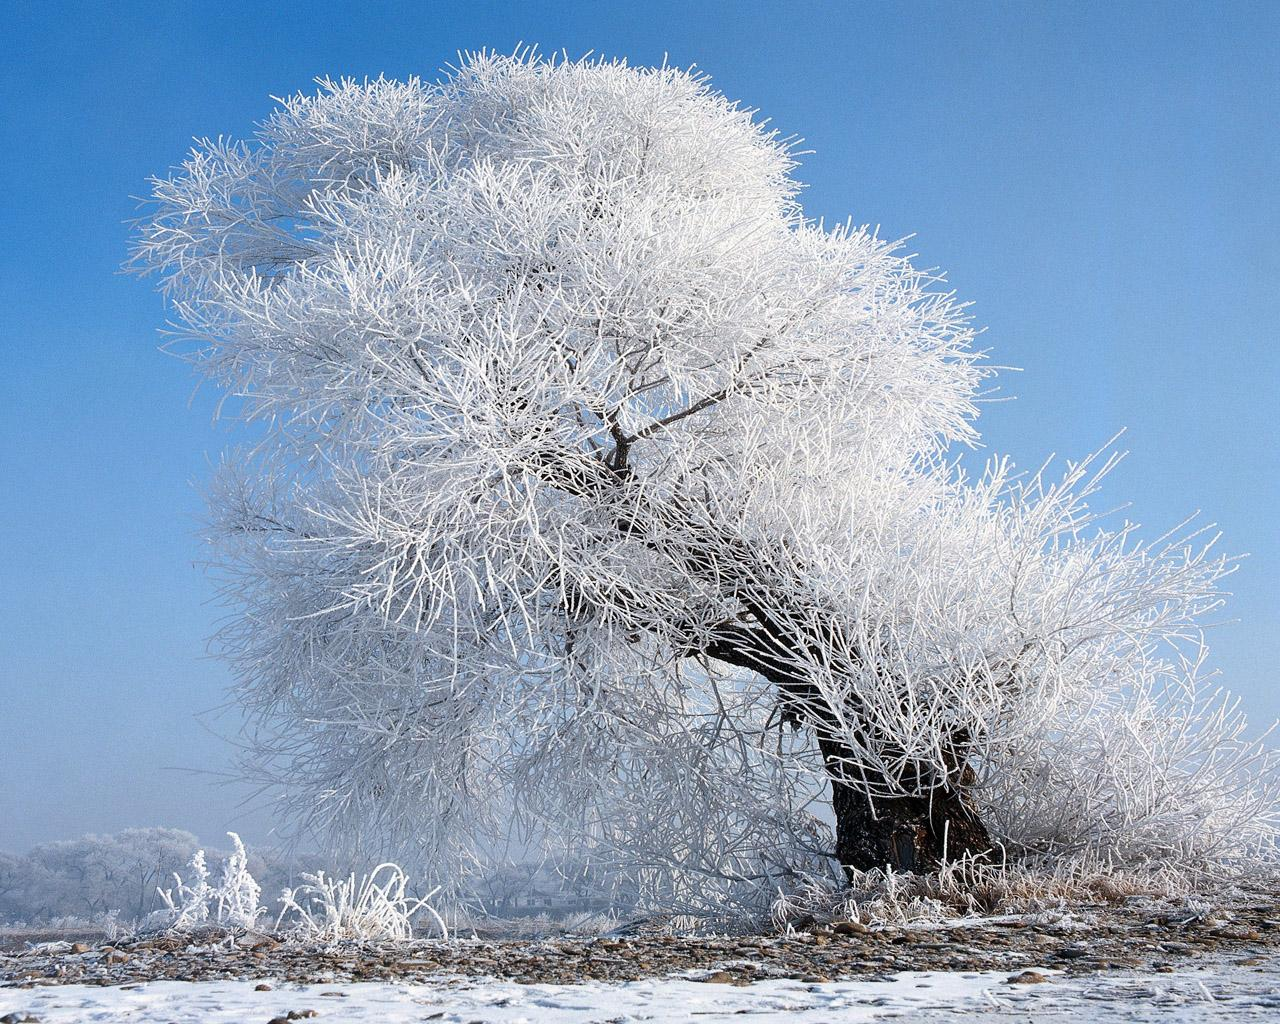 Wallpaper ไหนว่าปีนี้จะหนาวสุดในรอบ 30 ปี 50 Pic 230925-frederika